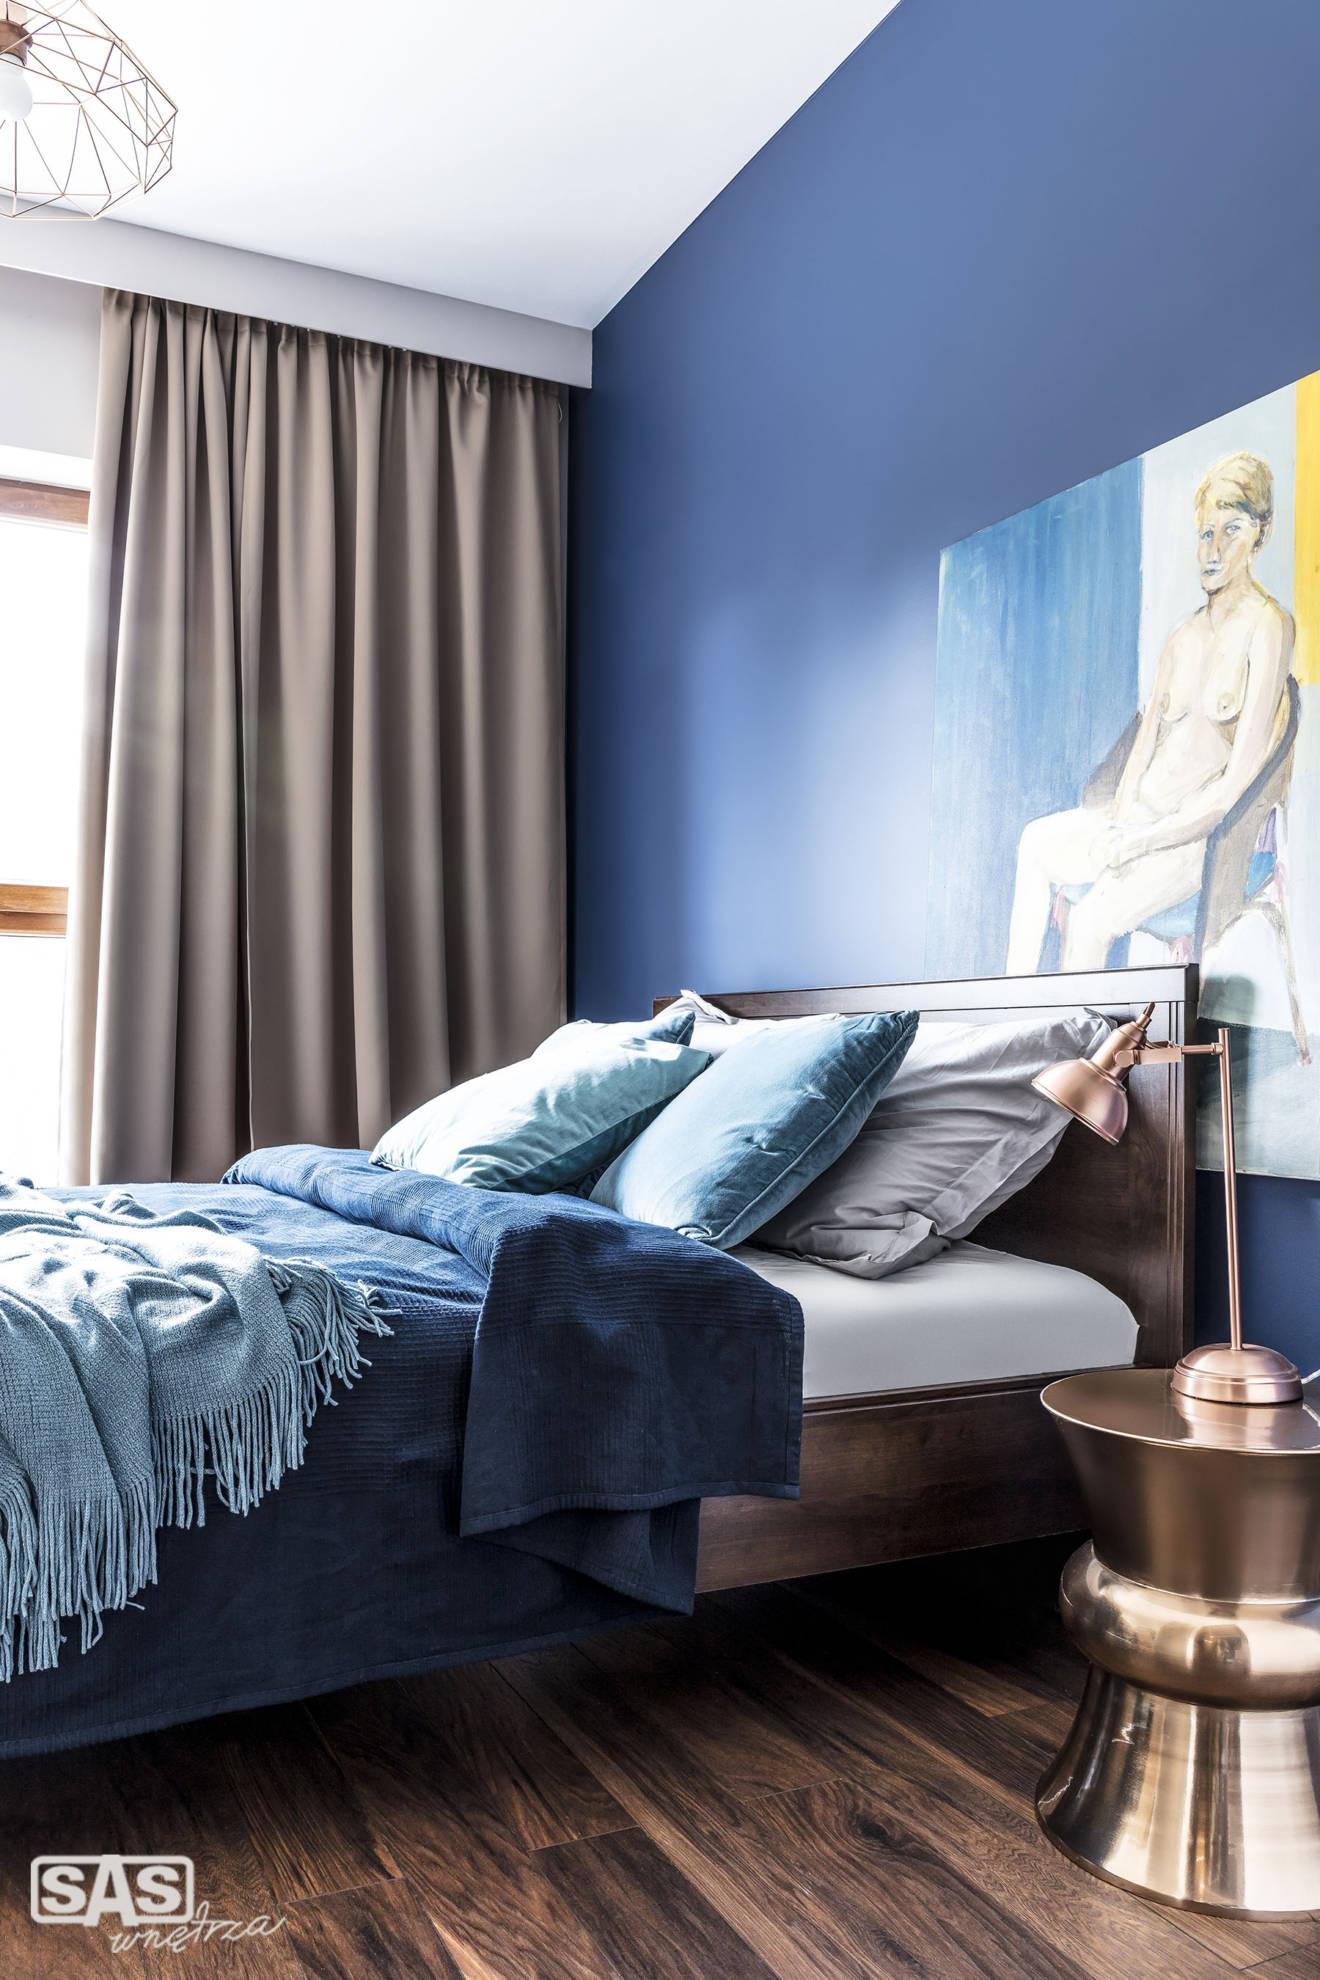 Aranżacja sypialni w apartamencie - projekt architekt wnętrz Emilia Strzempek Plasun.